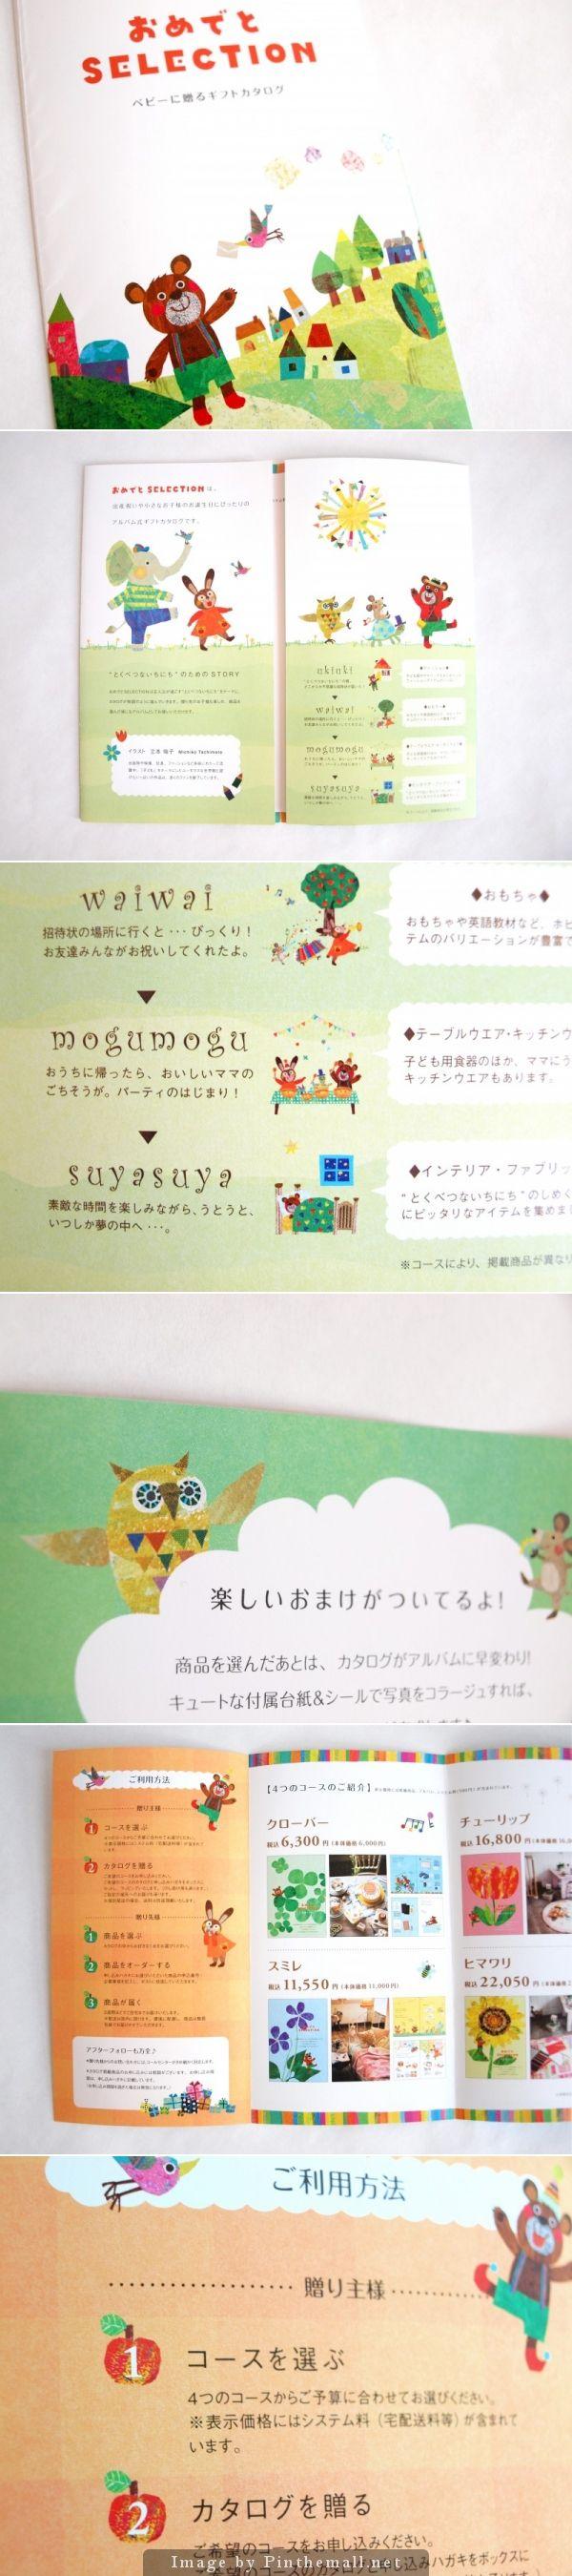 赤ちゃんのギフトカタログ「おめでとうSELECTION」のリーフレット